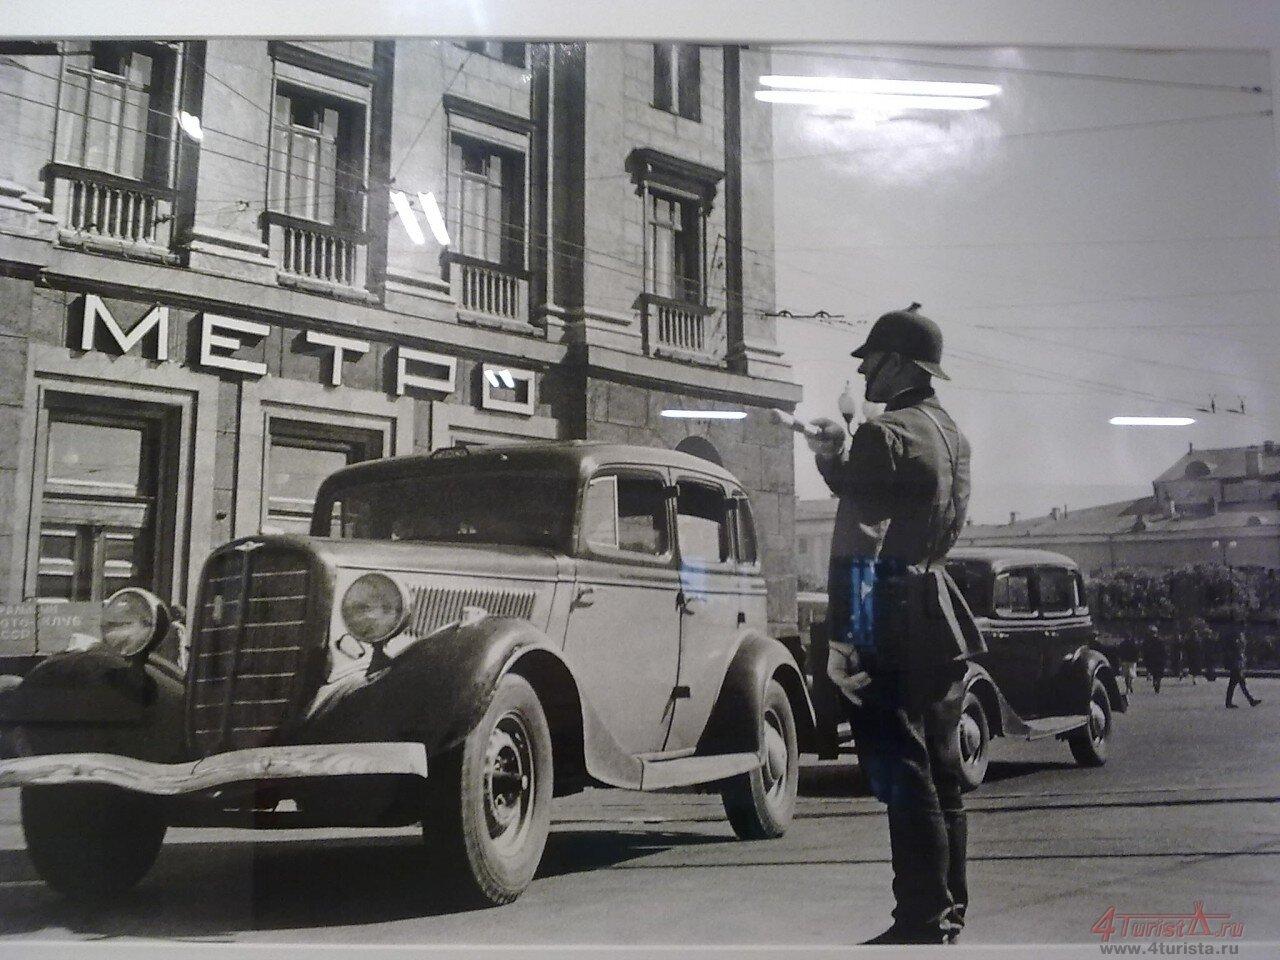 144. 1935. Регулировщик на Охотном Ряду. Москва